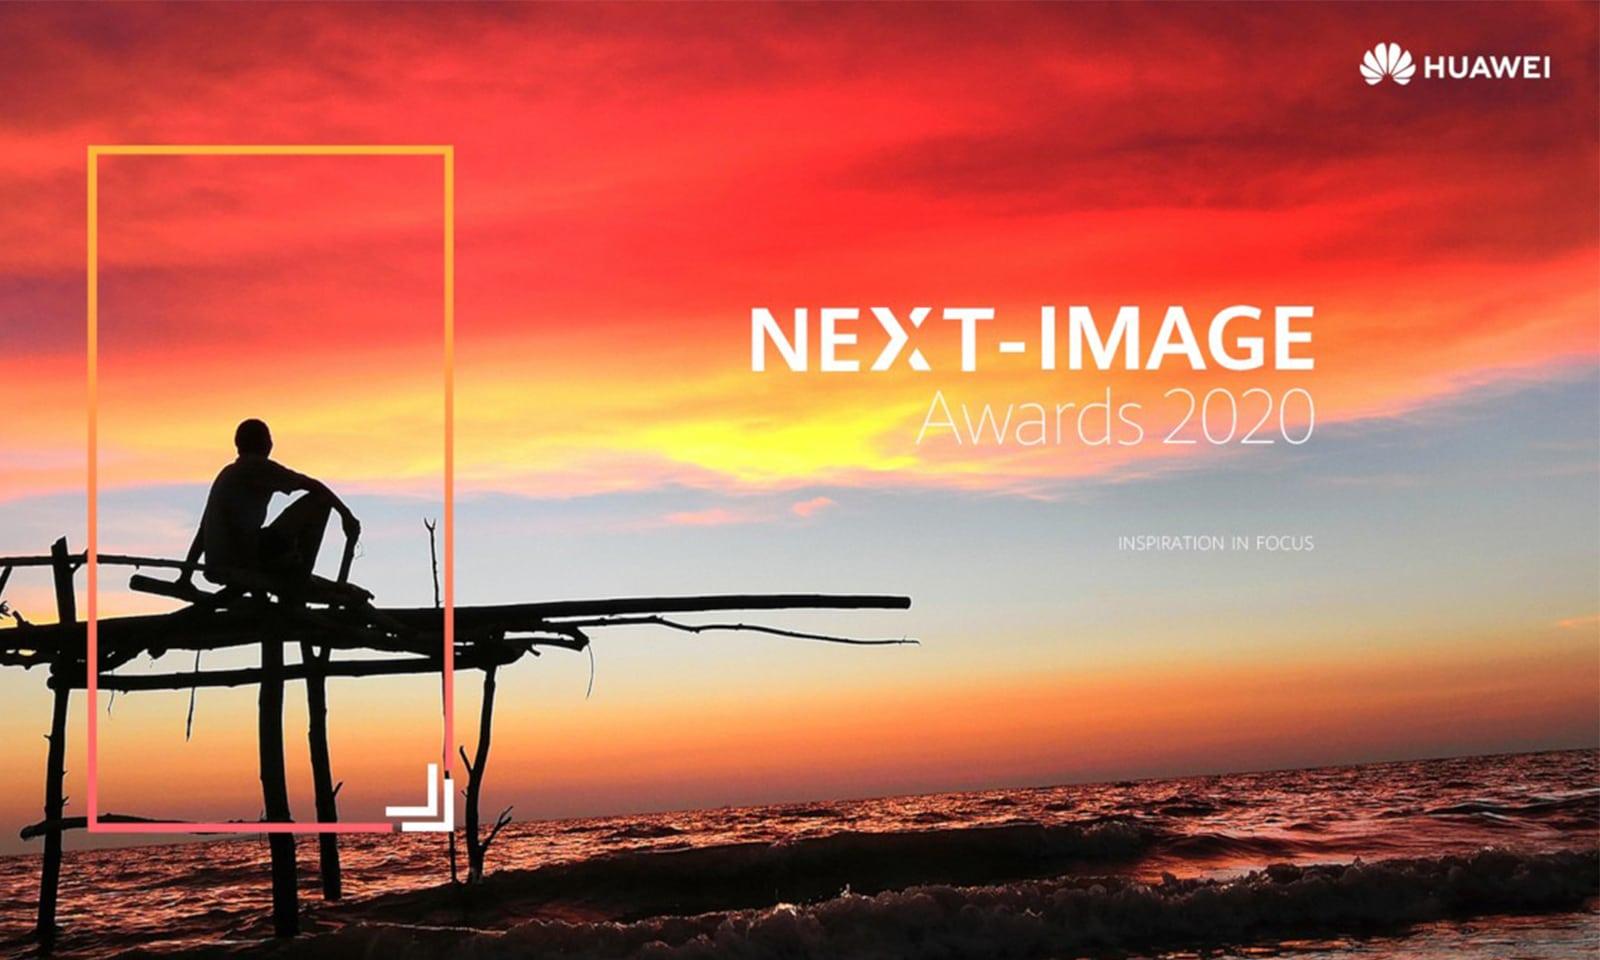 HUAWEI-NEXT-IMAGE-Awards-2020